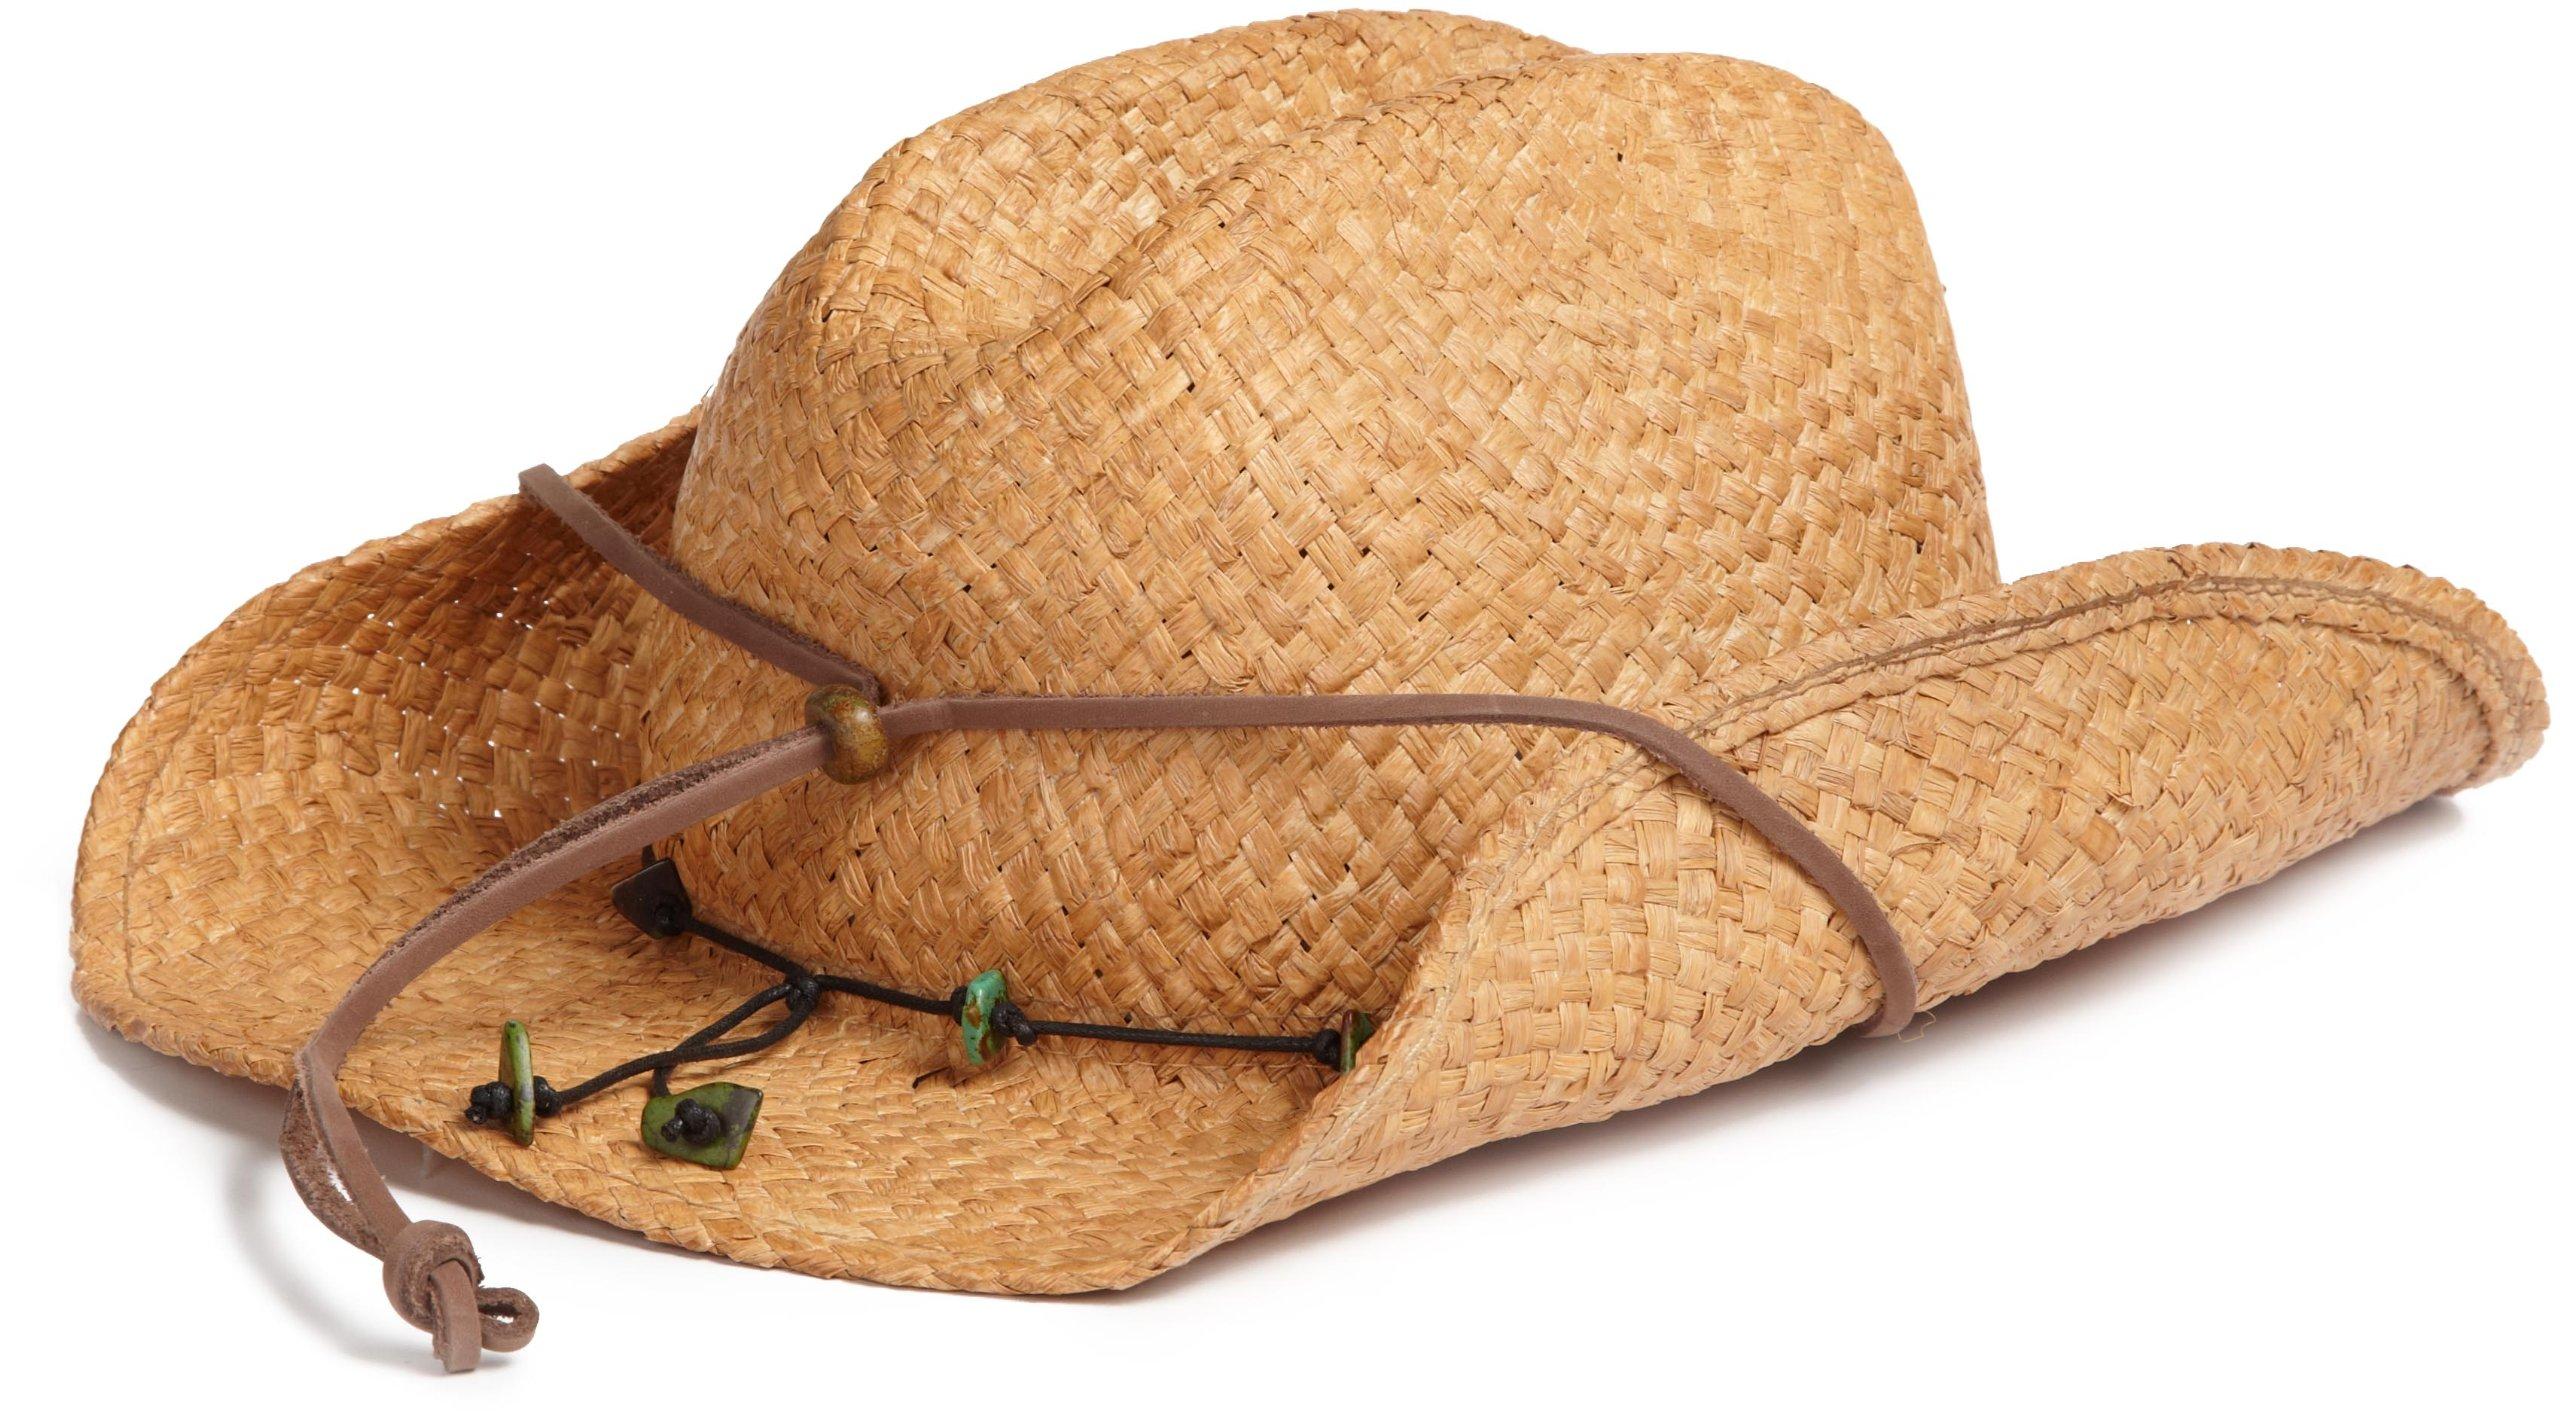 Scala Women's Straw Cowboy Hat, Tea, One Size by SCALA (Image #3)